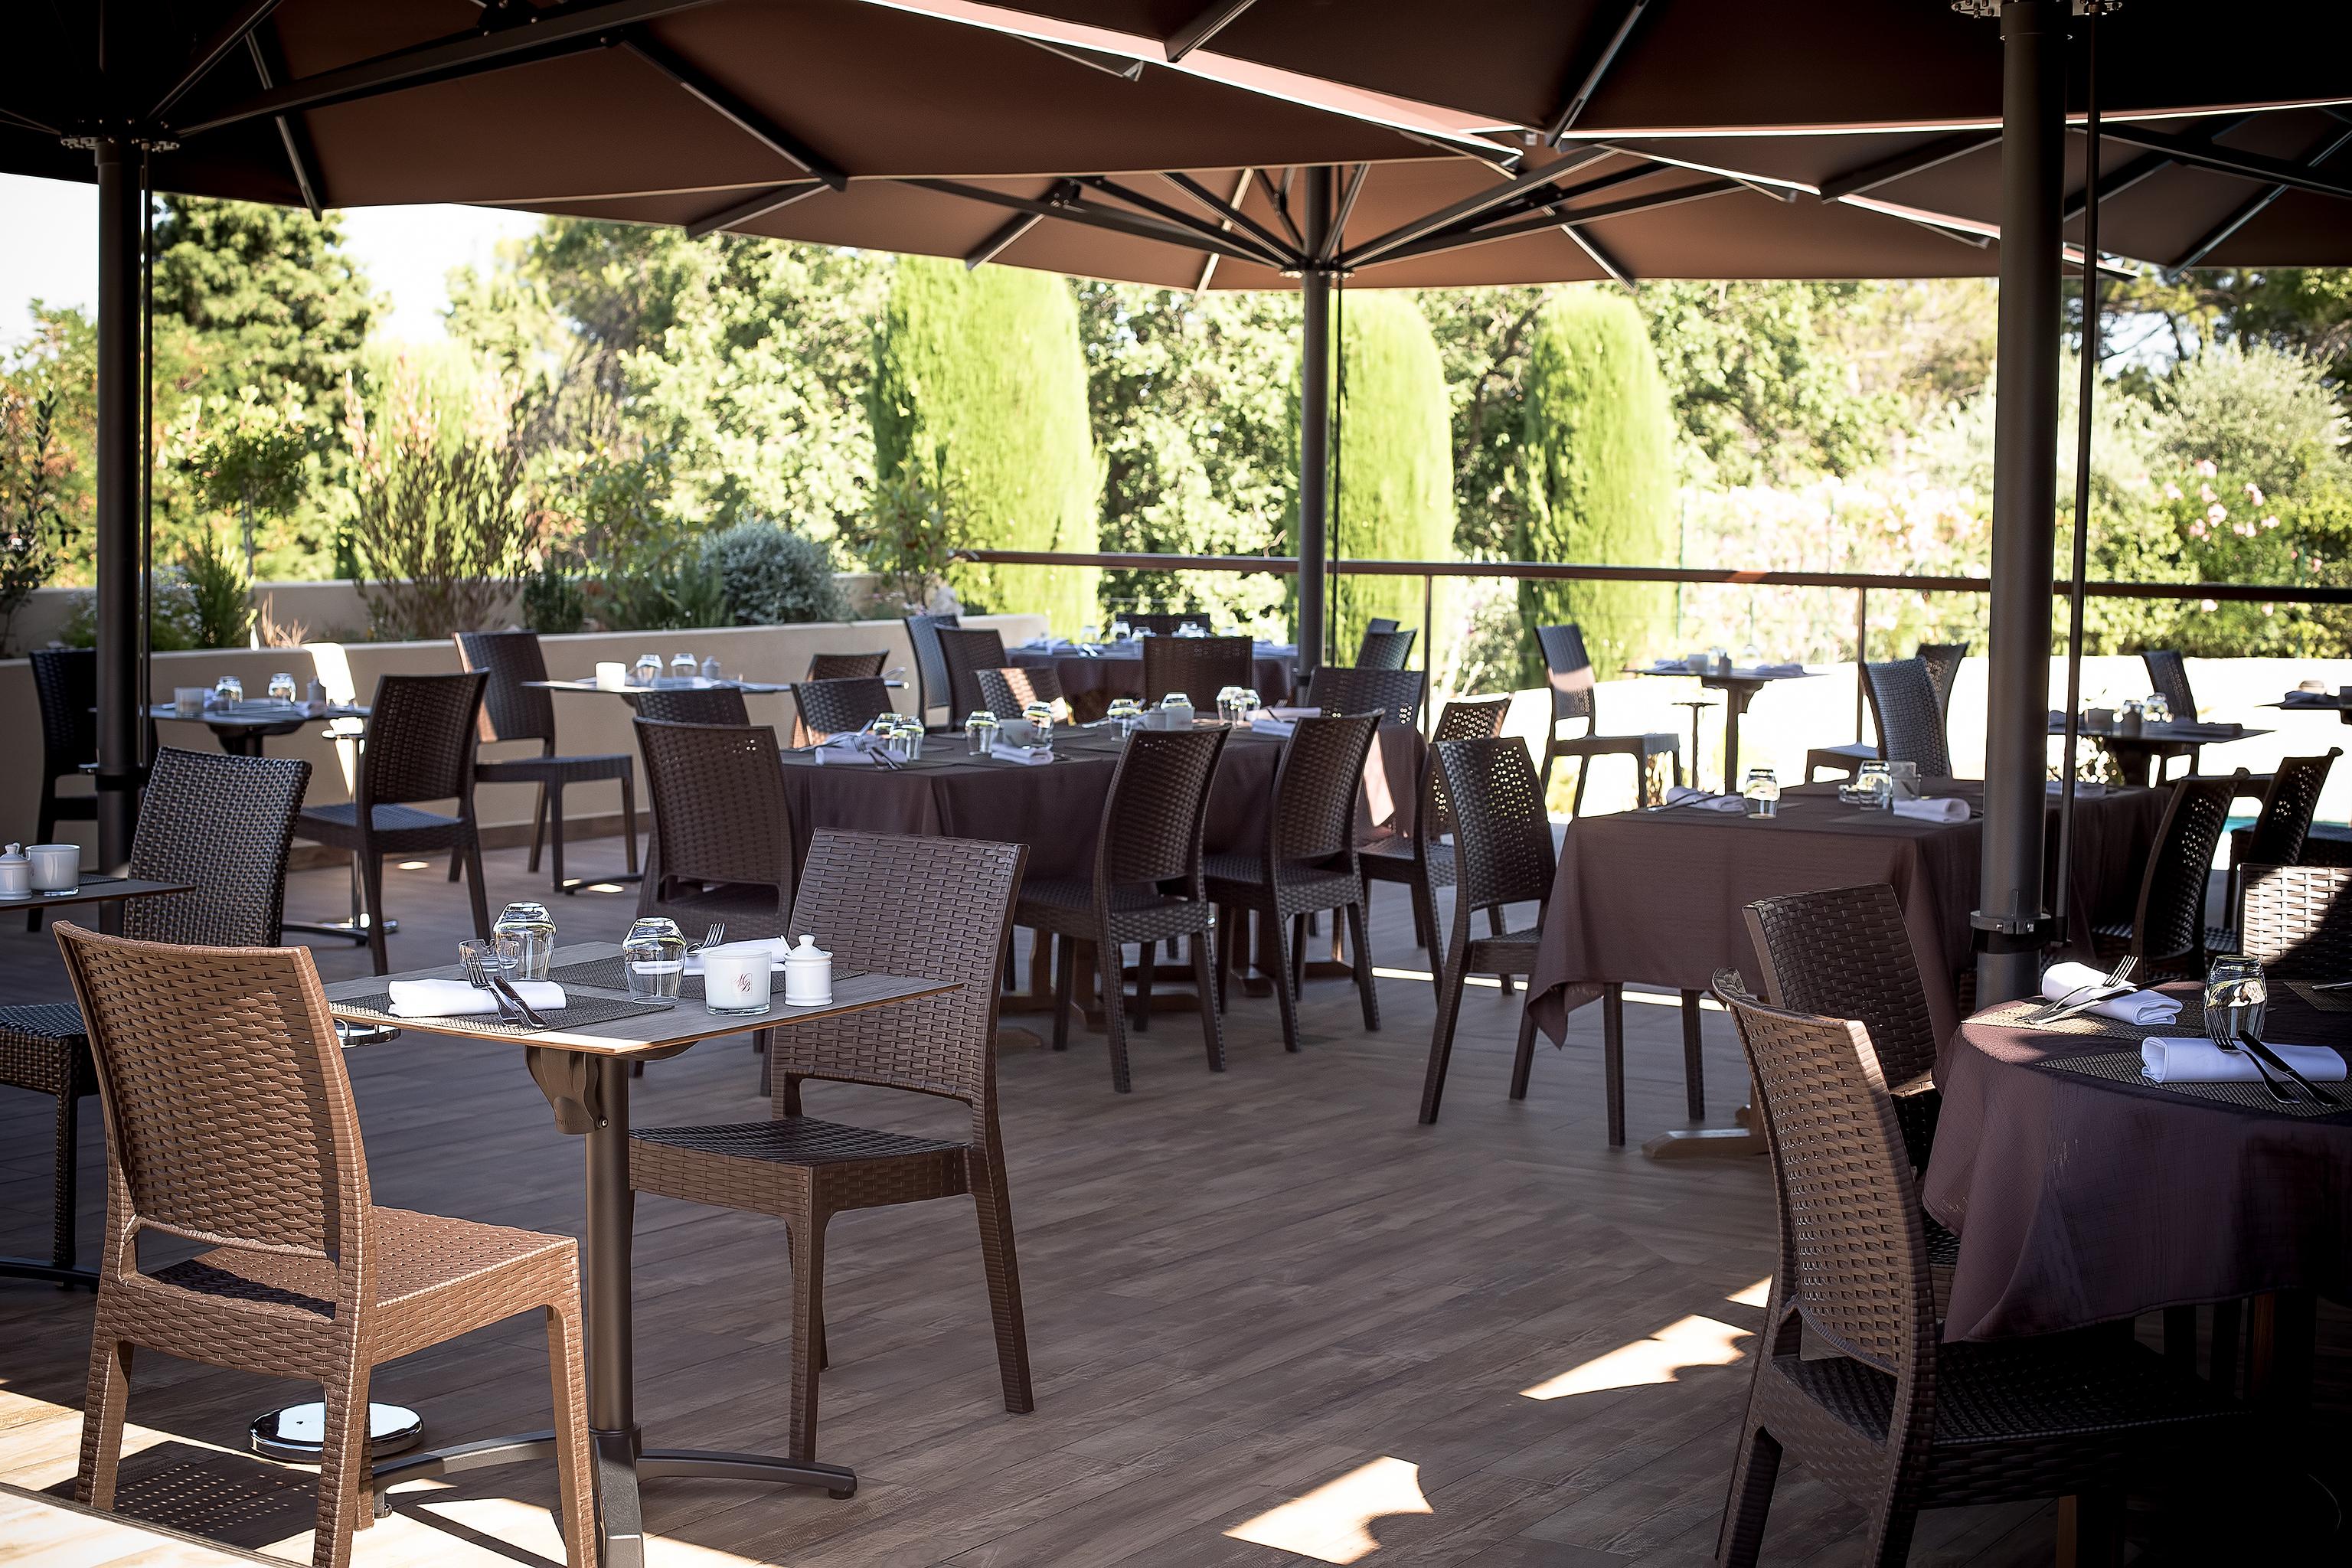 Restaurant Mirabelle La Gaude